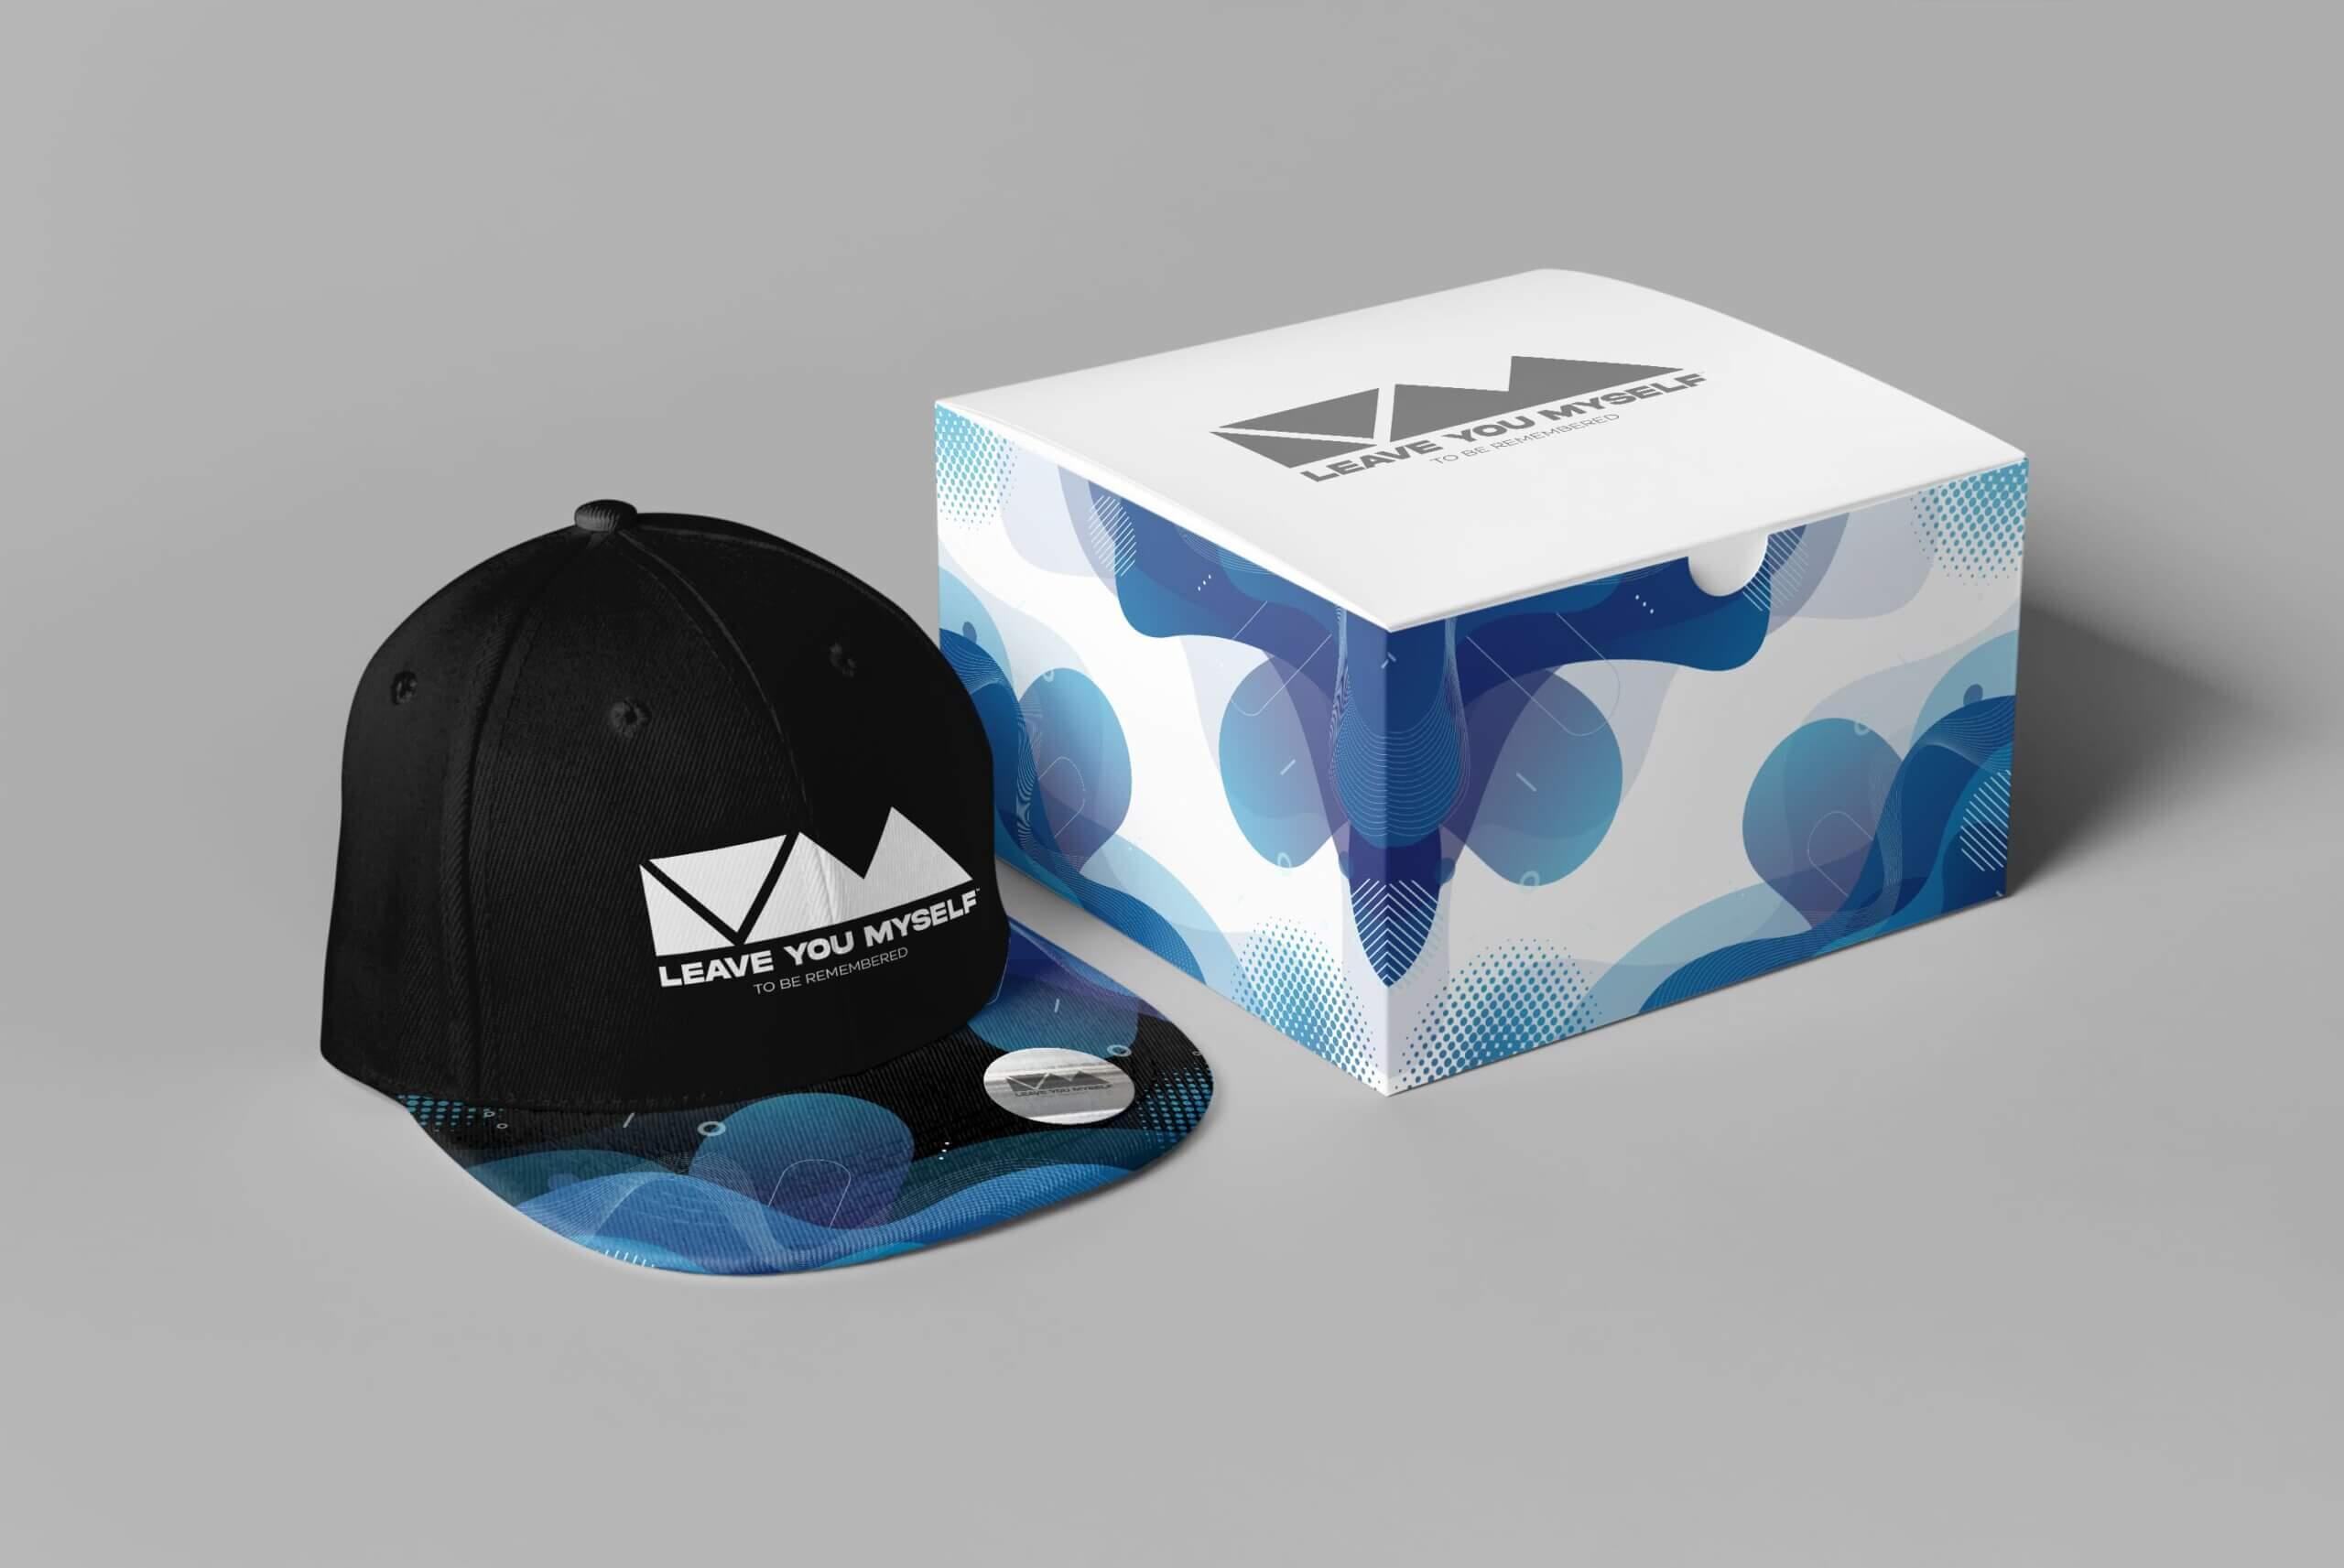 Cap & Box - Leave You Myself